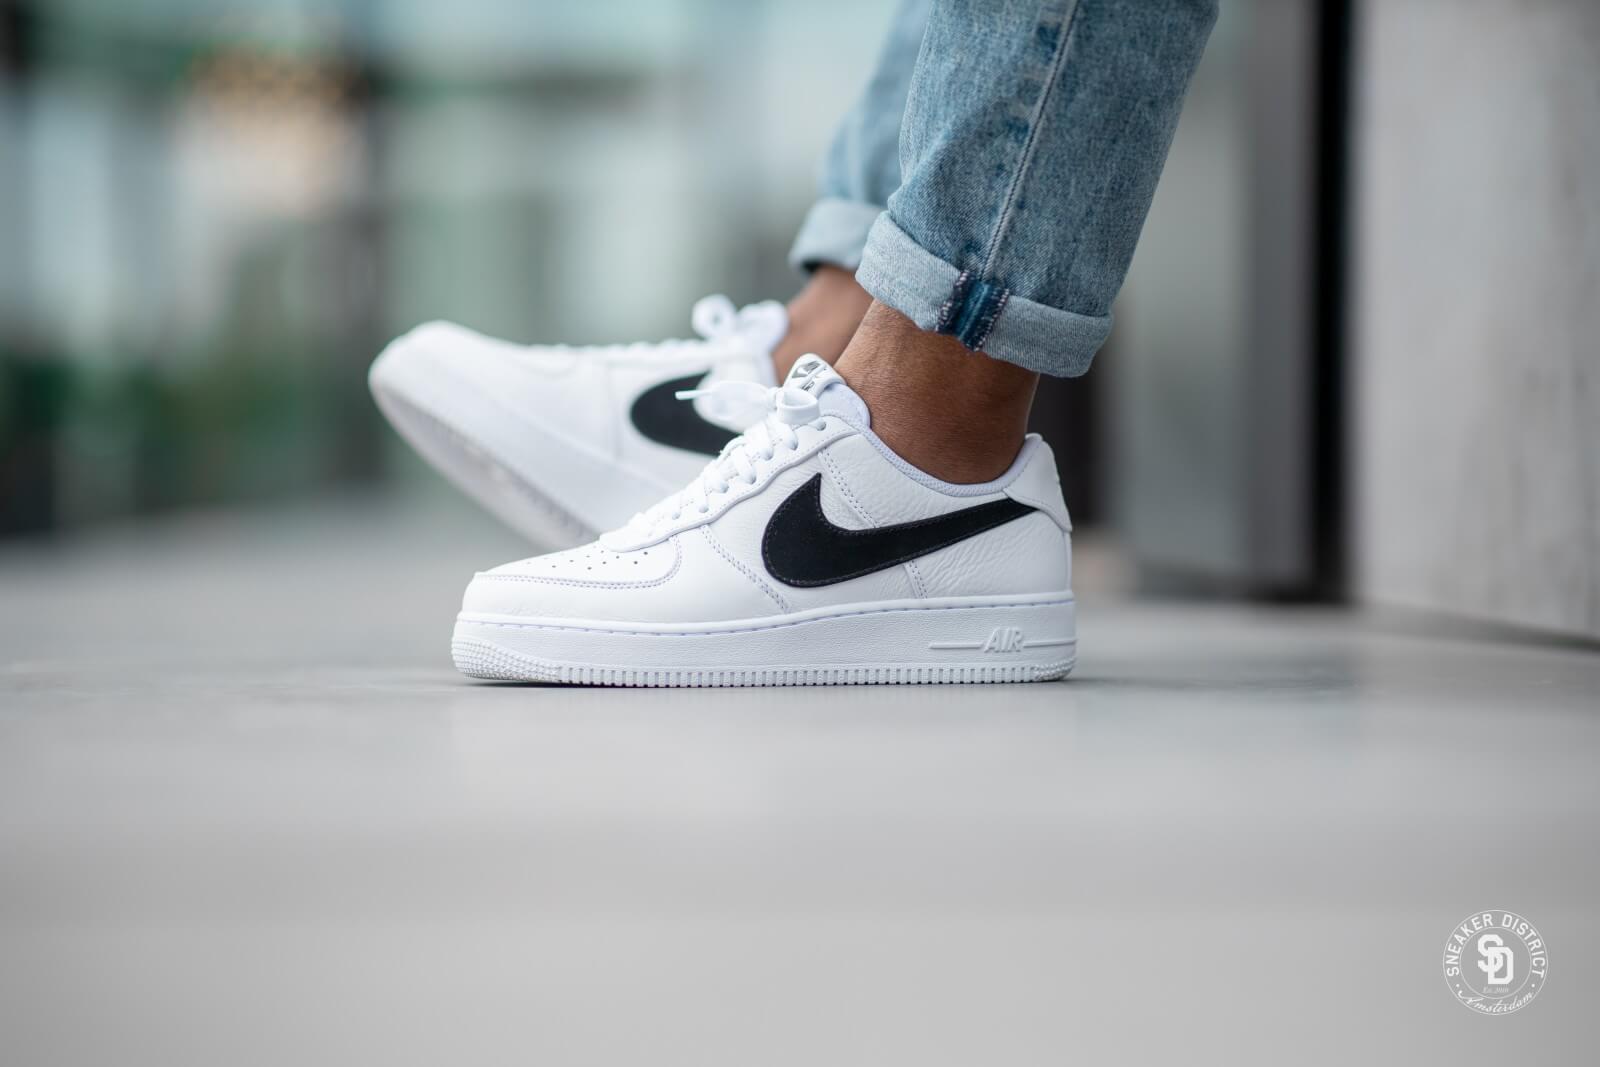 Nike Air Force 1 07 Premium 2 WhiteBlack AT4143 102